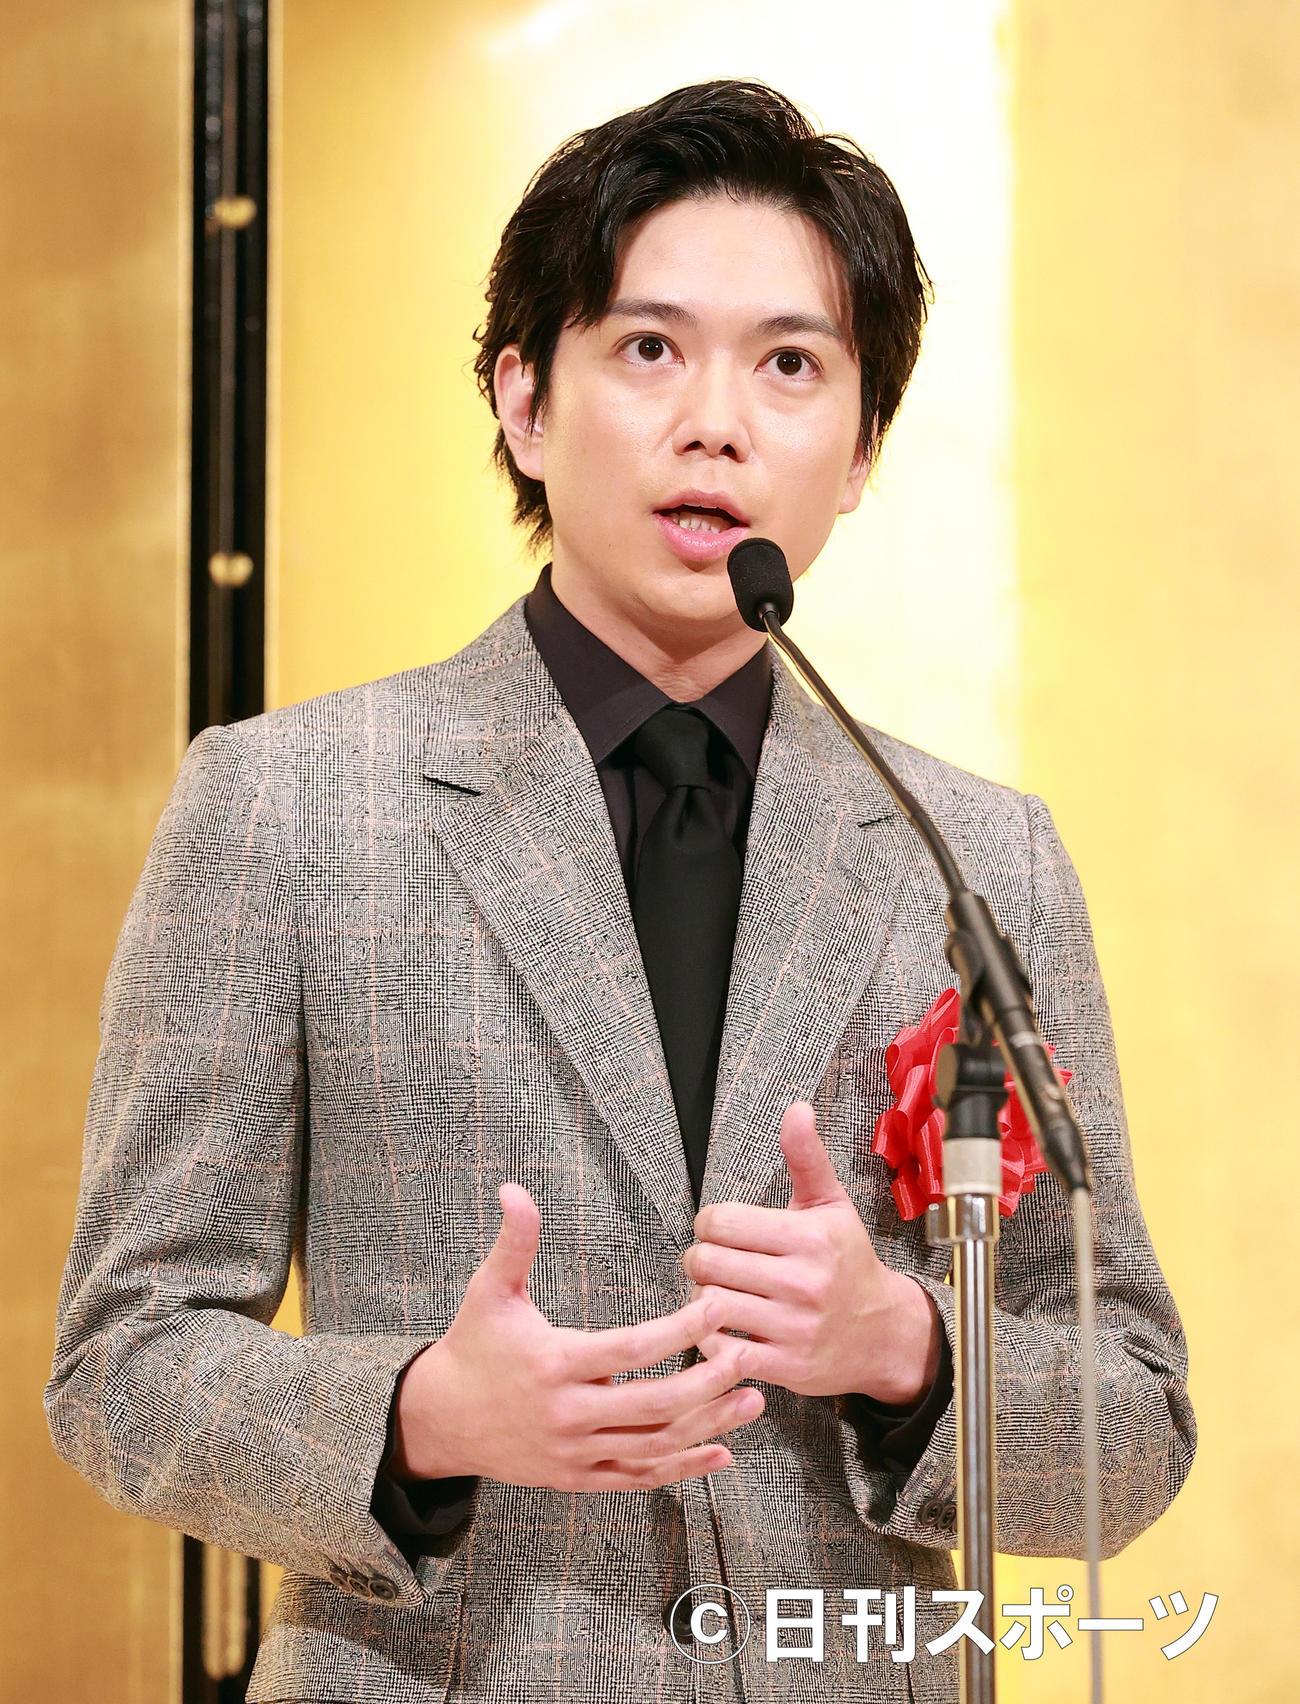 「吉川英治賞」贈呈式で、吉川英治文学新人賞を受賞した加藤シゲアキはあいさつで思いを語る(撮影・浅見桂子)